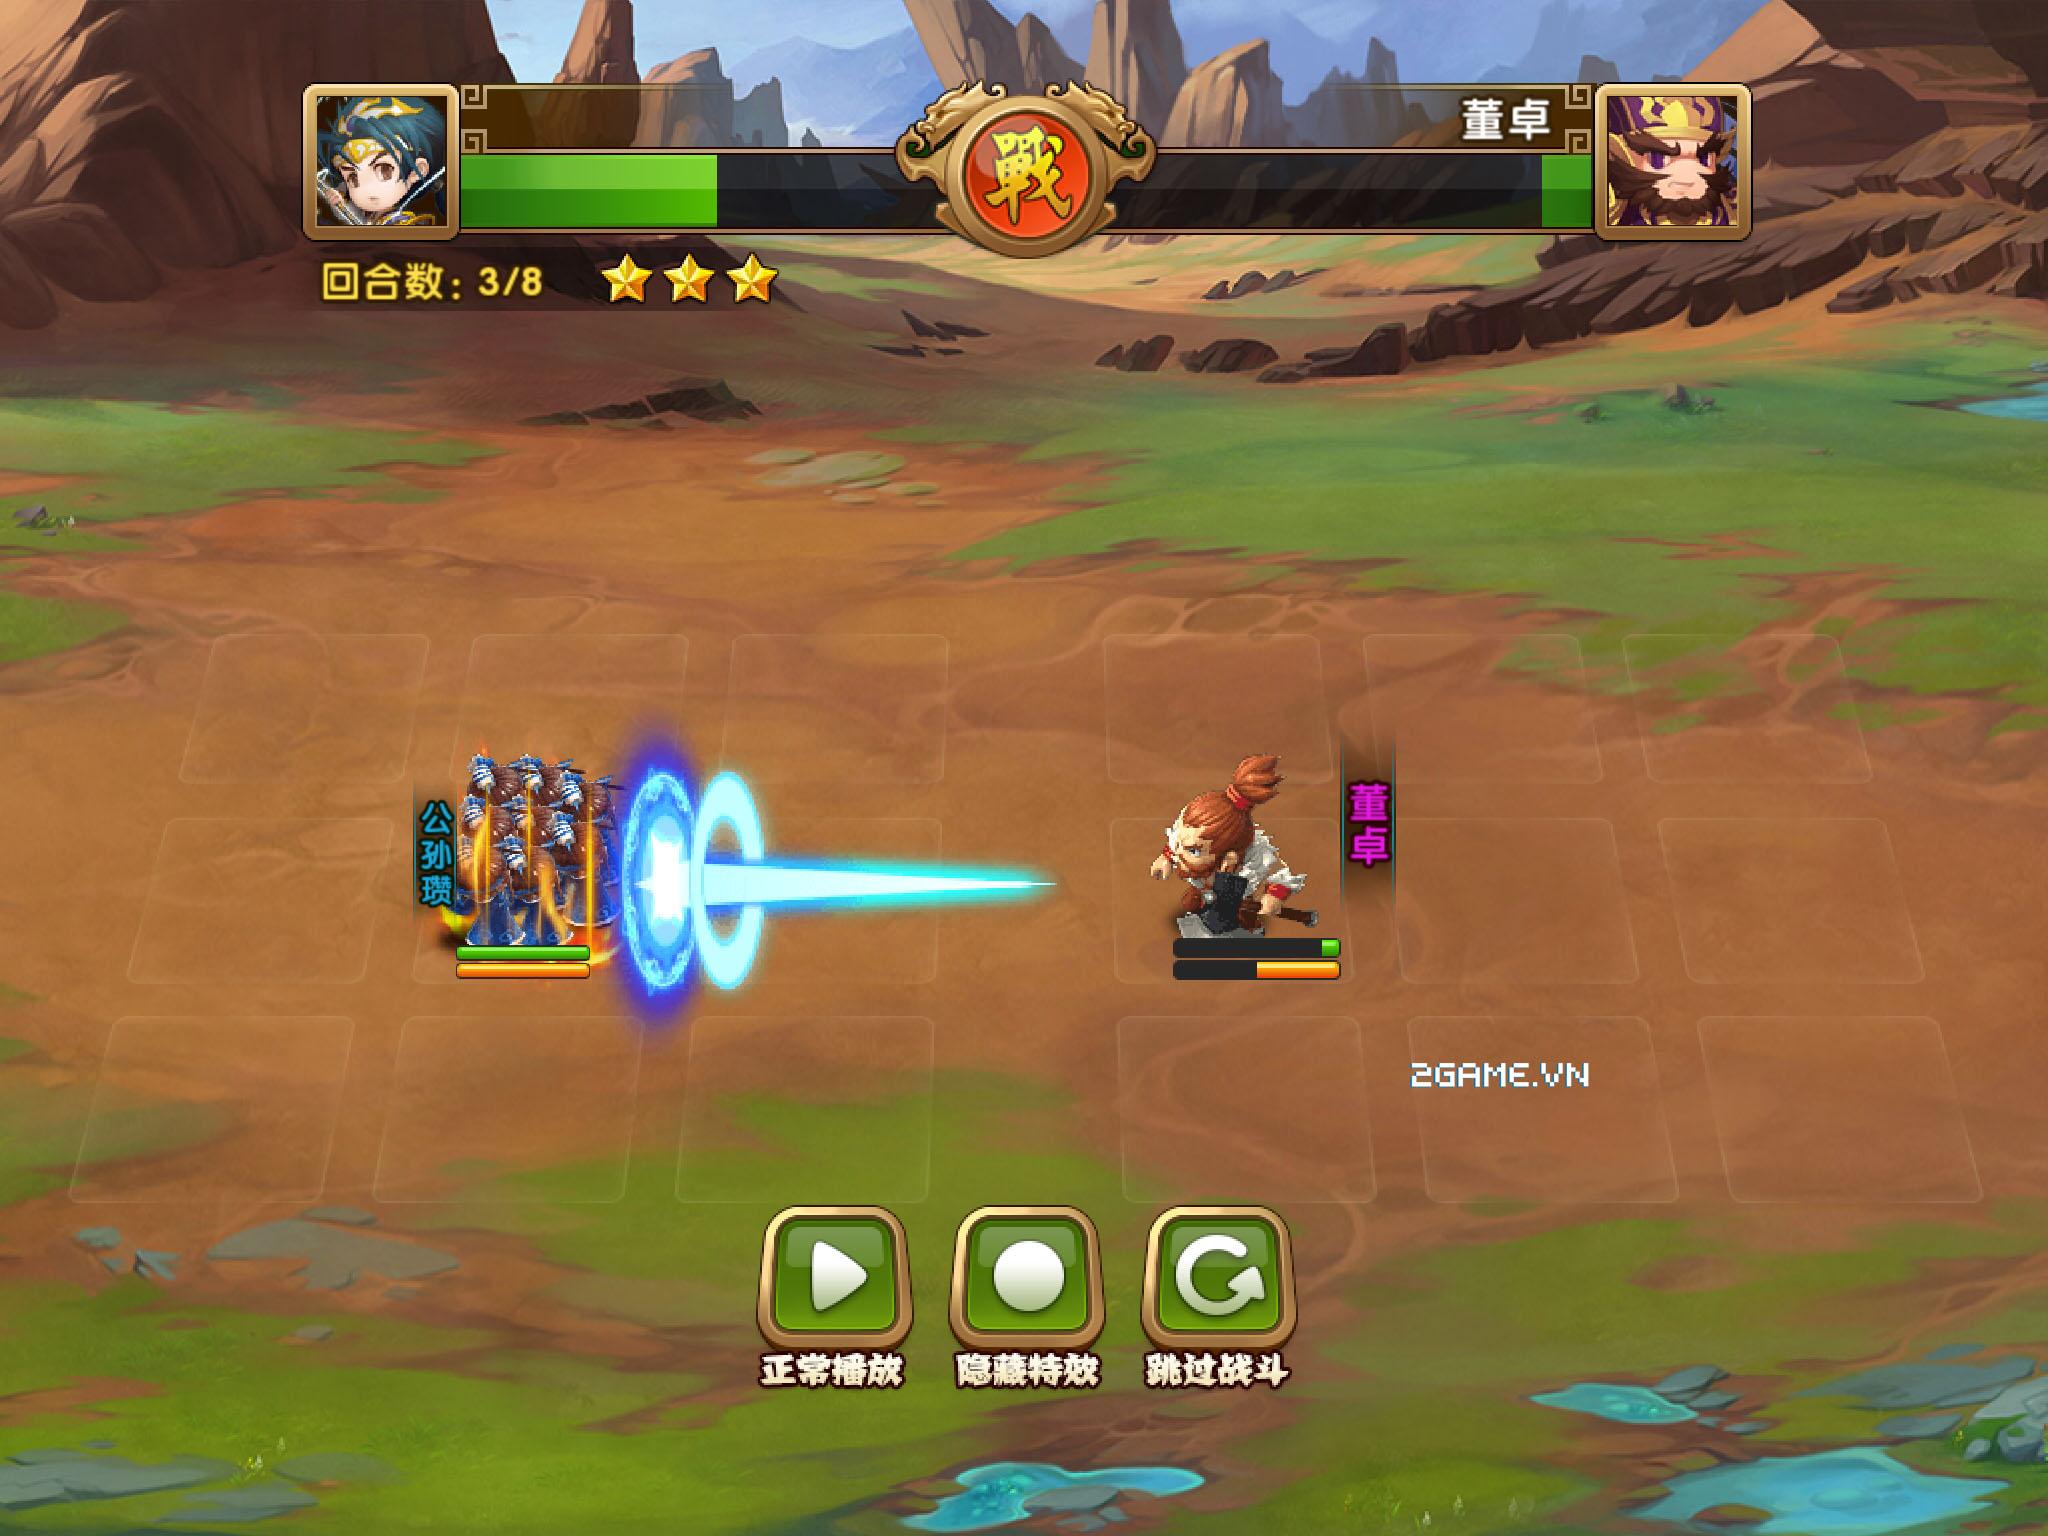 Ngọc Rồng Tam Quốc - Khi sử 3Q kết hợp cùng Dragon Ball 8